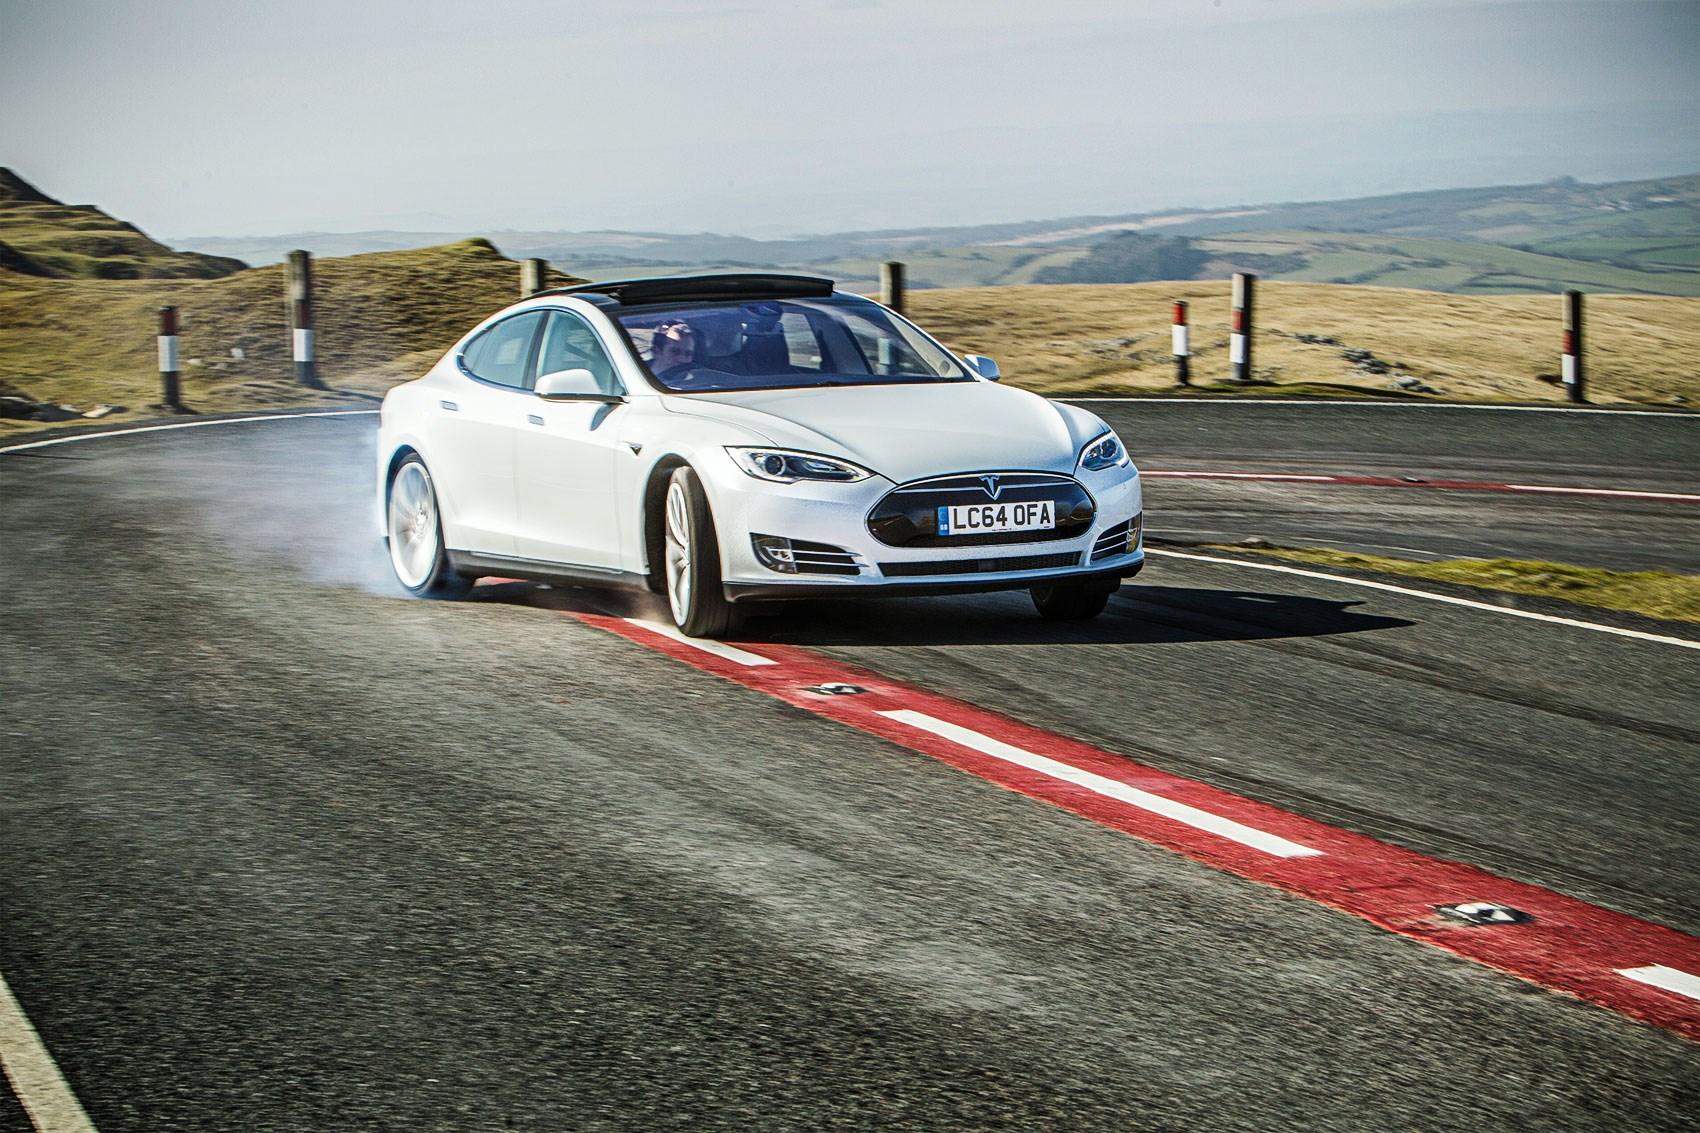 Tesla Model S Vs Bmw M5 Vs Porsche Panamera Triple Test